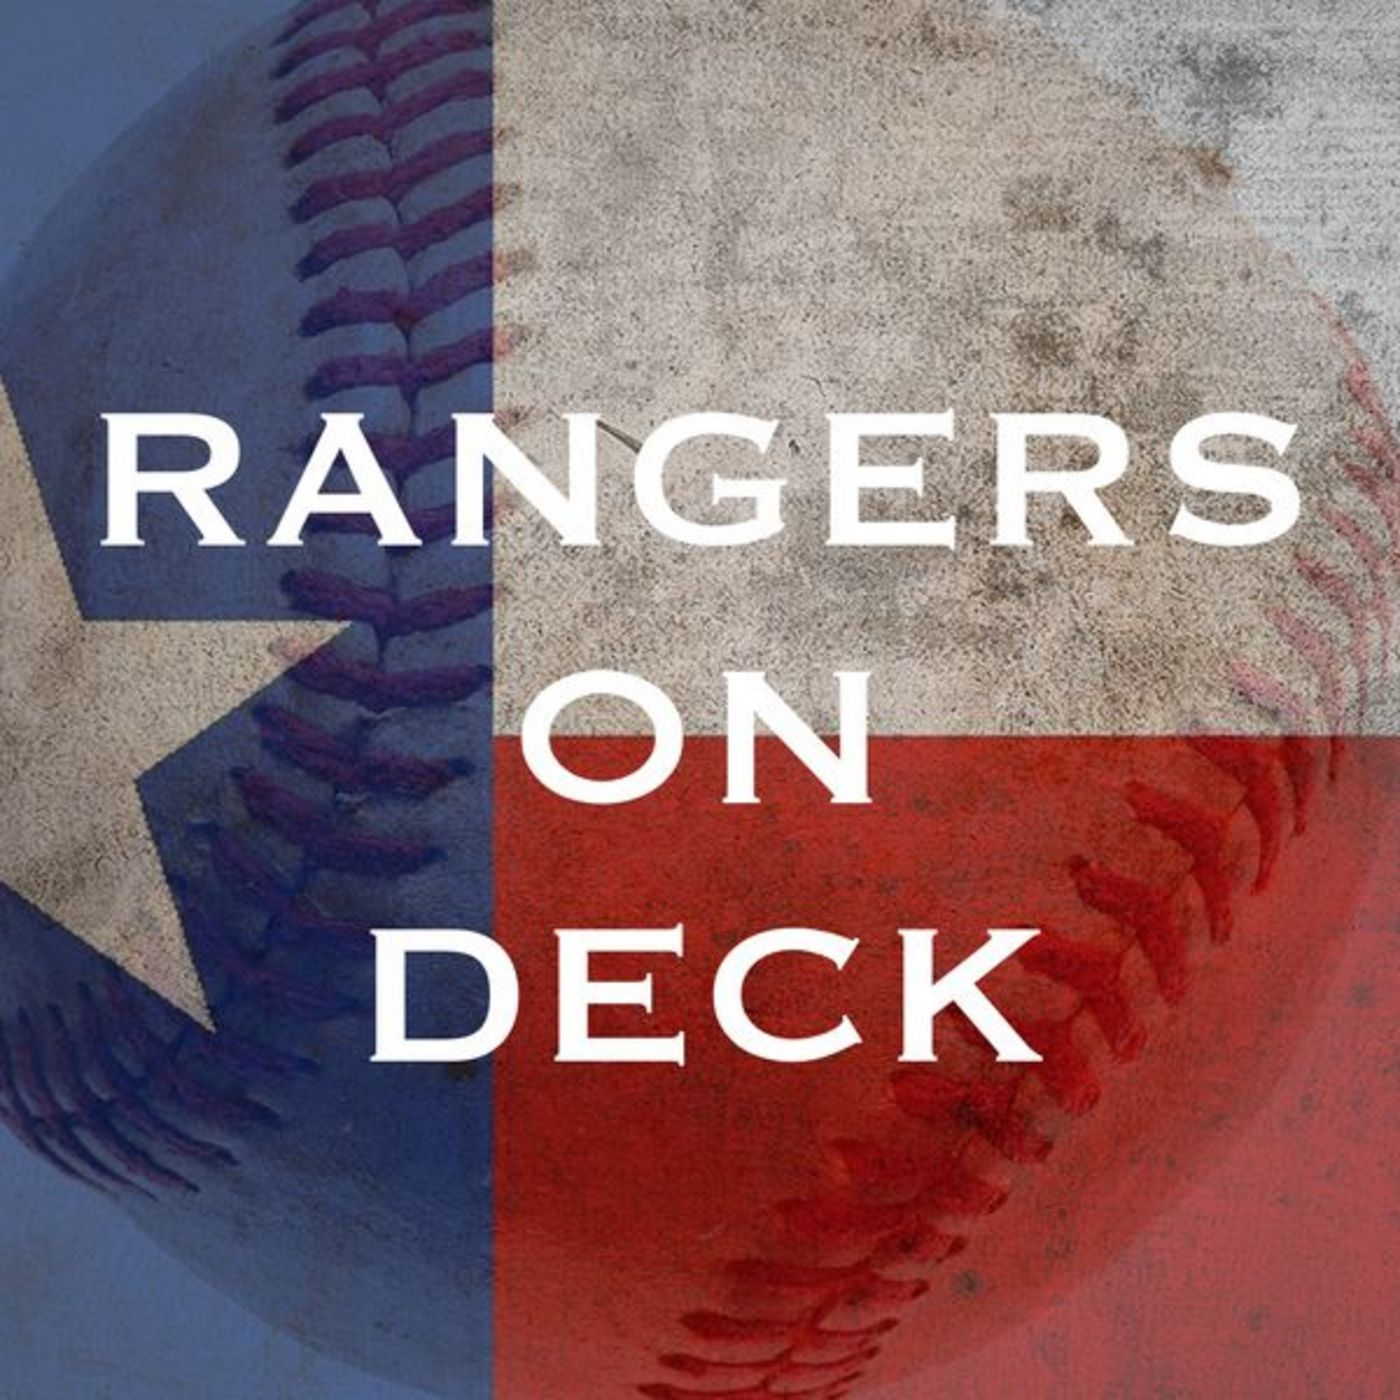 <![CDATA[Rangers On Deck]]>